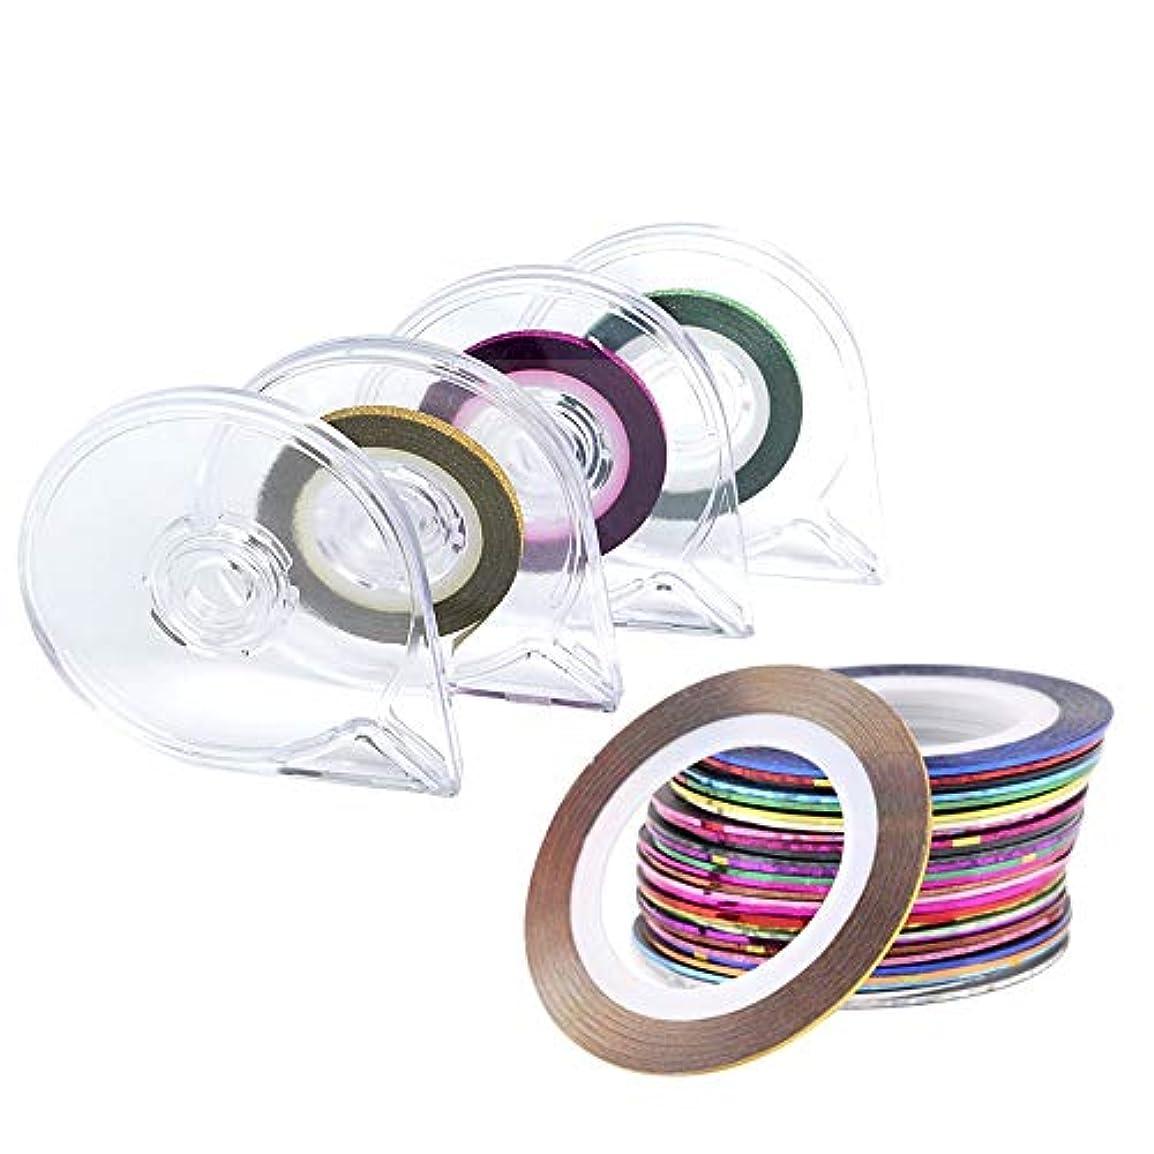 ディスコを除く調和のとれたラインテープネイルアート用 ラインテープ シート ジェルネイル用 マニキュア セット ジェルネイル アート用ラインテープ 専用ケース付き 30ピース (Color : Mixed Colour)